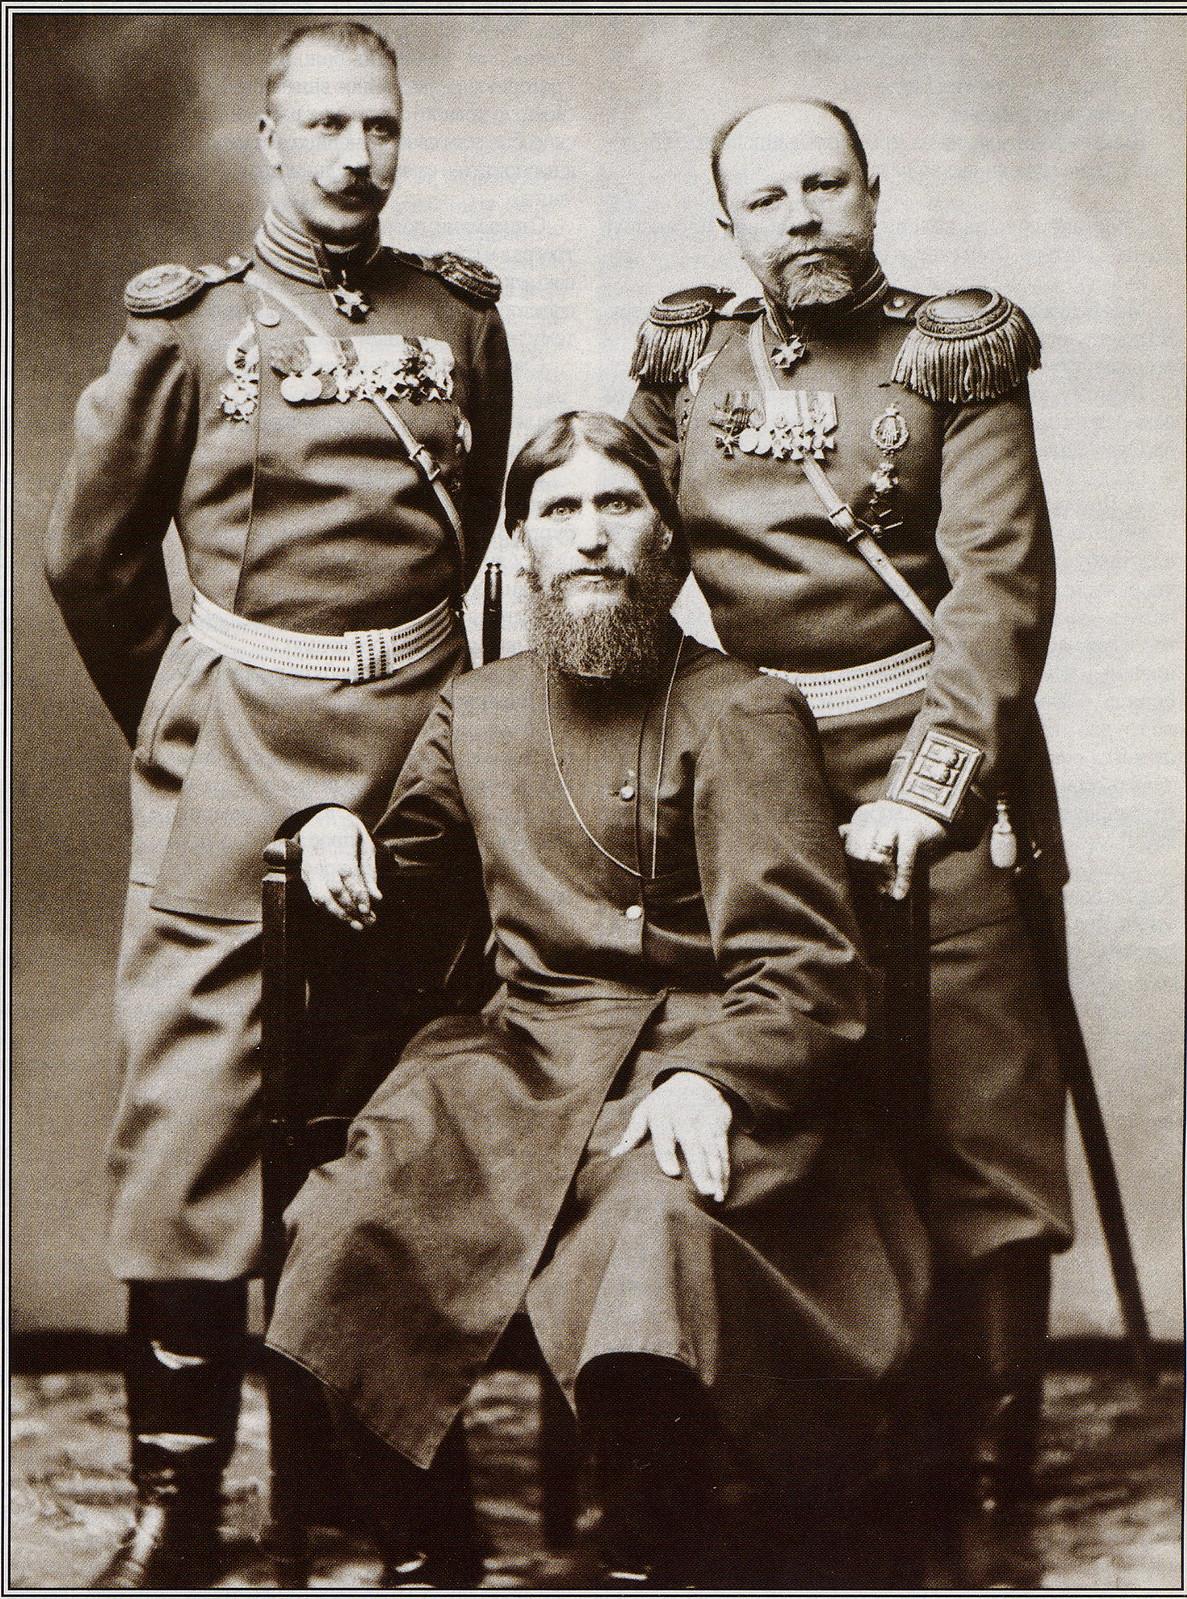 1905. Г.Е. Распутин с генерал-майором князем М.С. Путятиным и полковником Д.Н. Ломаном